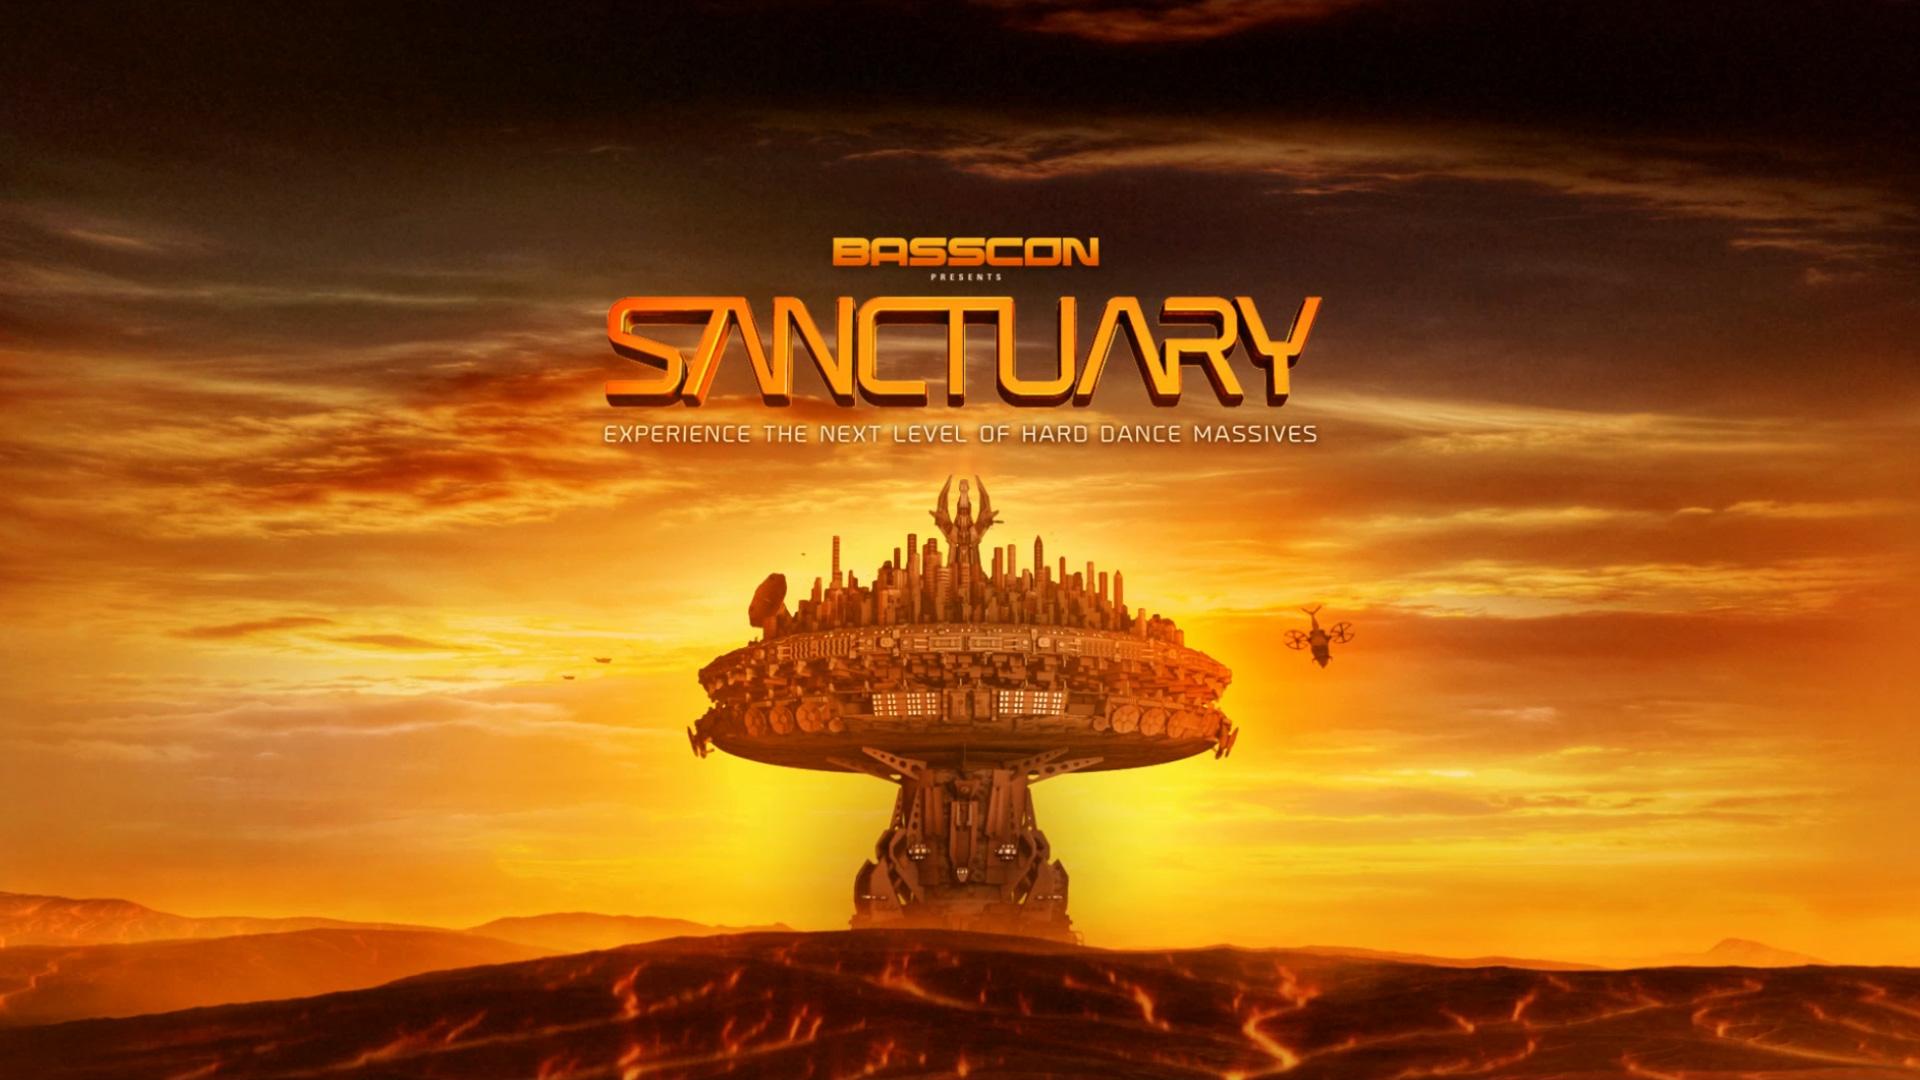 Basscon Sanctuary